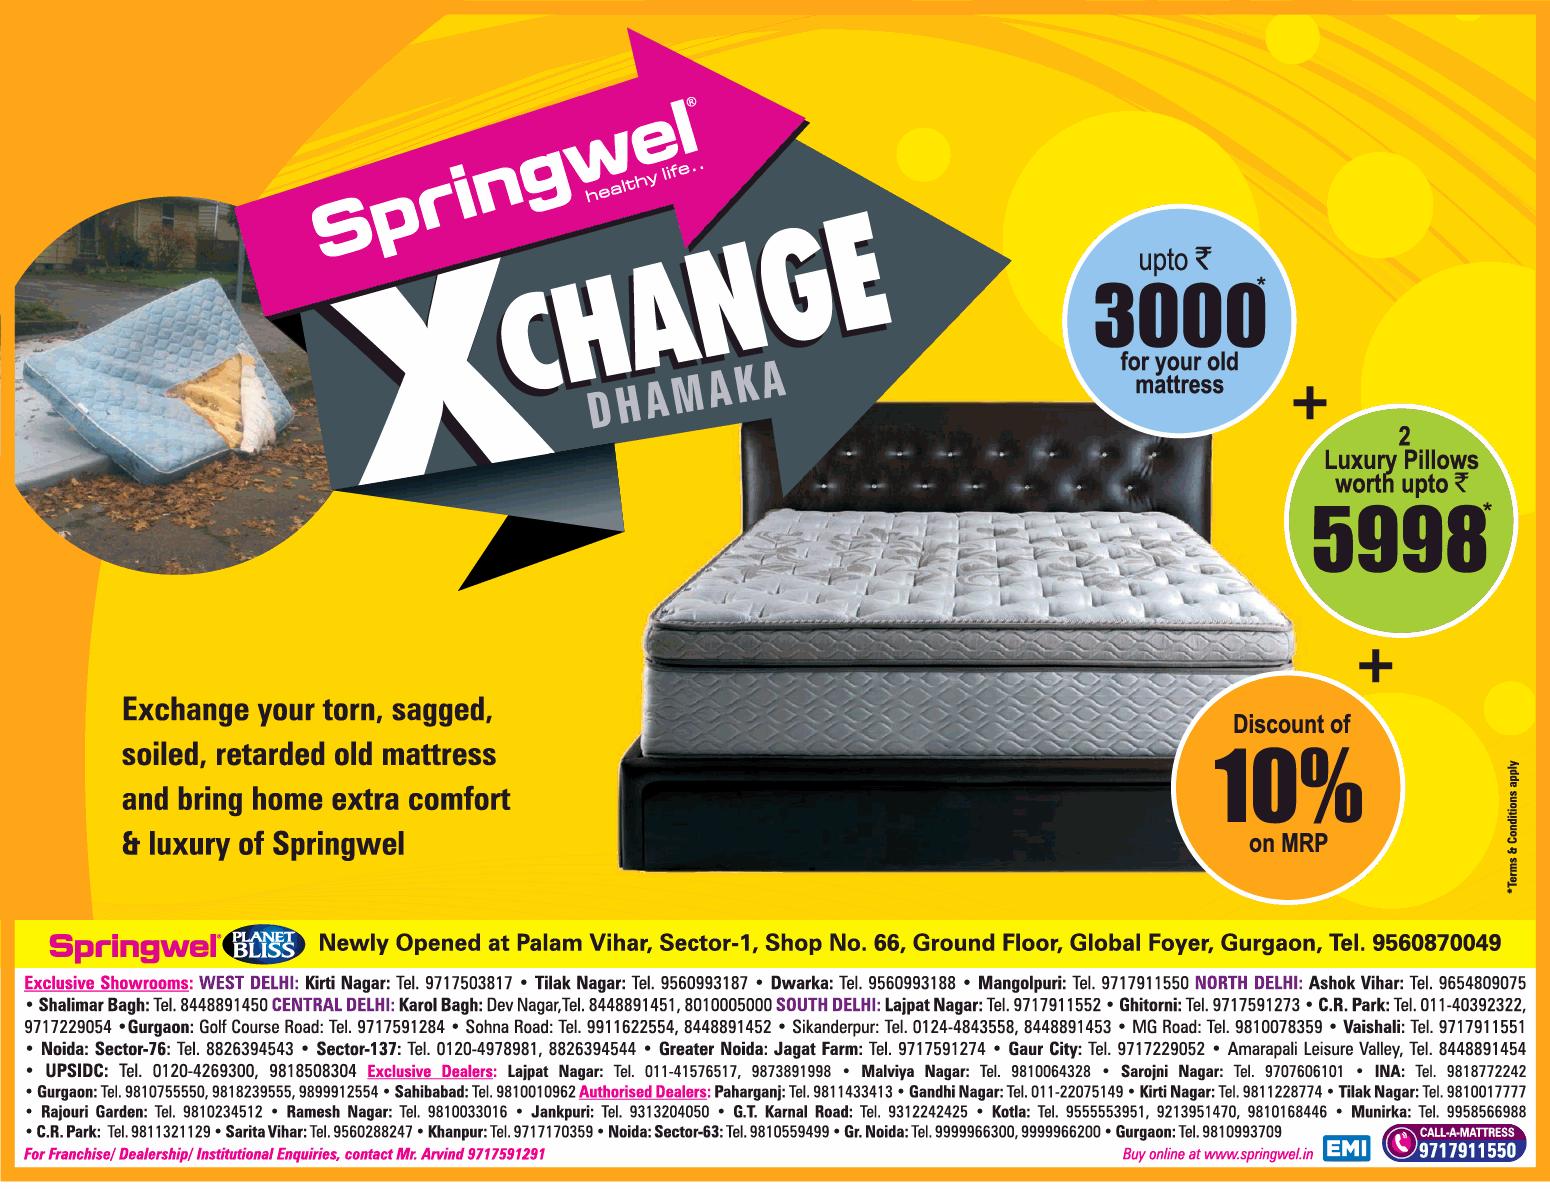 Springwel Exchange Dhamaka Discount Of 10% On Mrp Ad